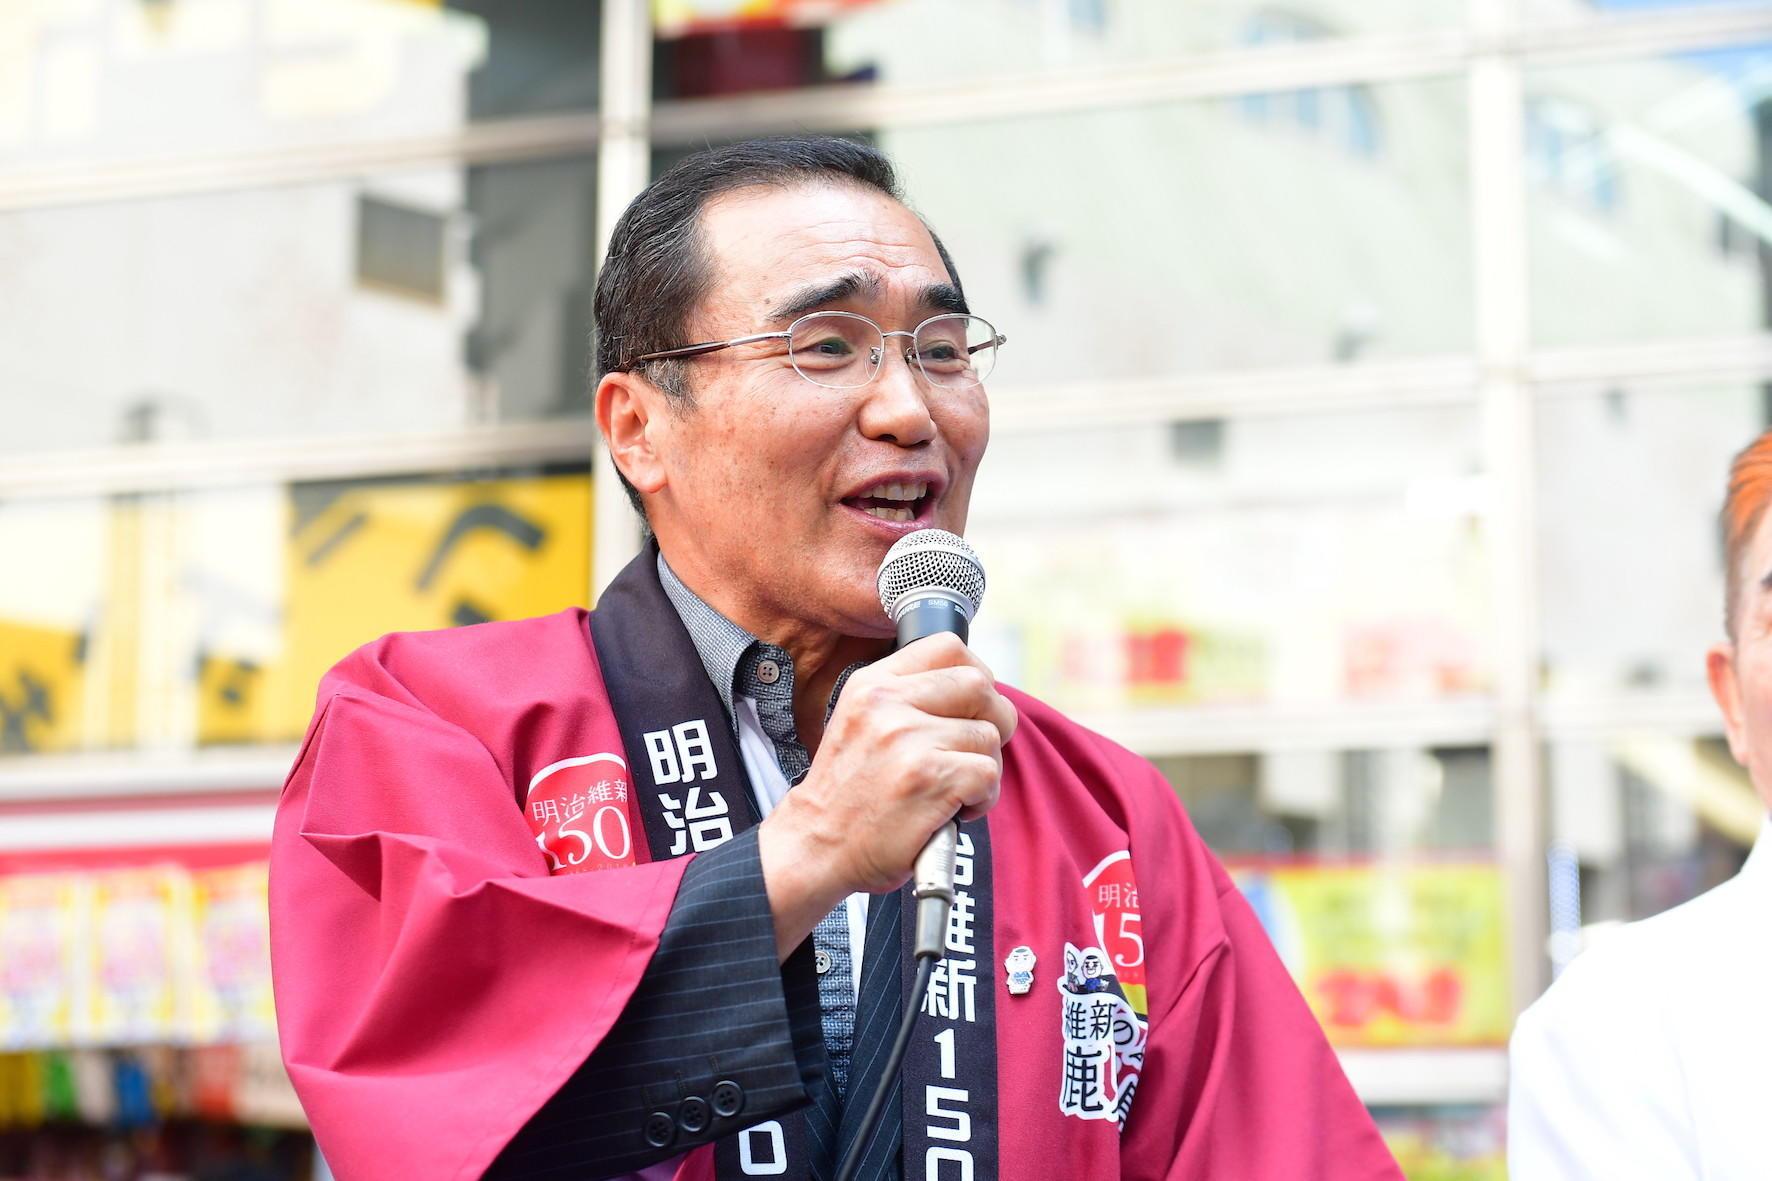 http://news.yoshimoto.co.jp/20180720190037-1340a350d621fd8e3cc441d7eec5ed3d2bde6a84.jpg